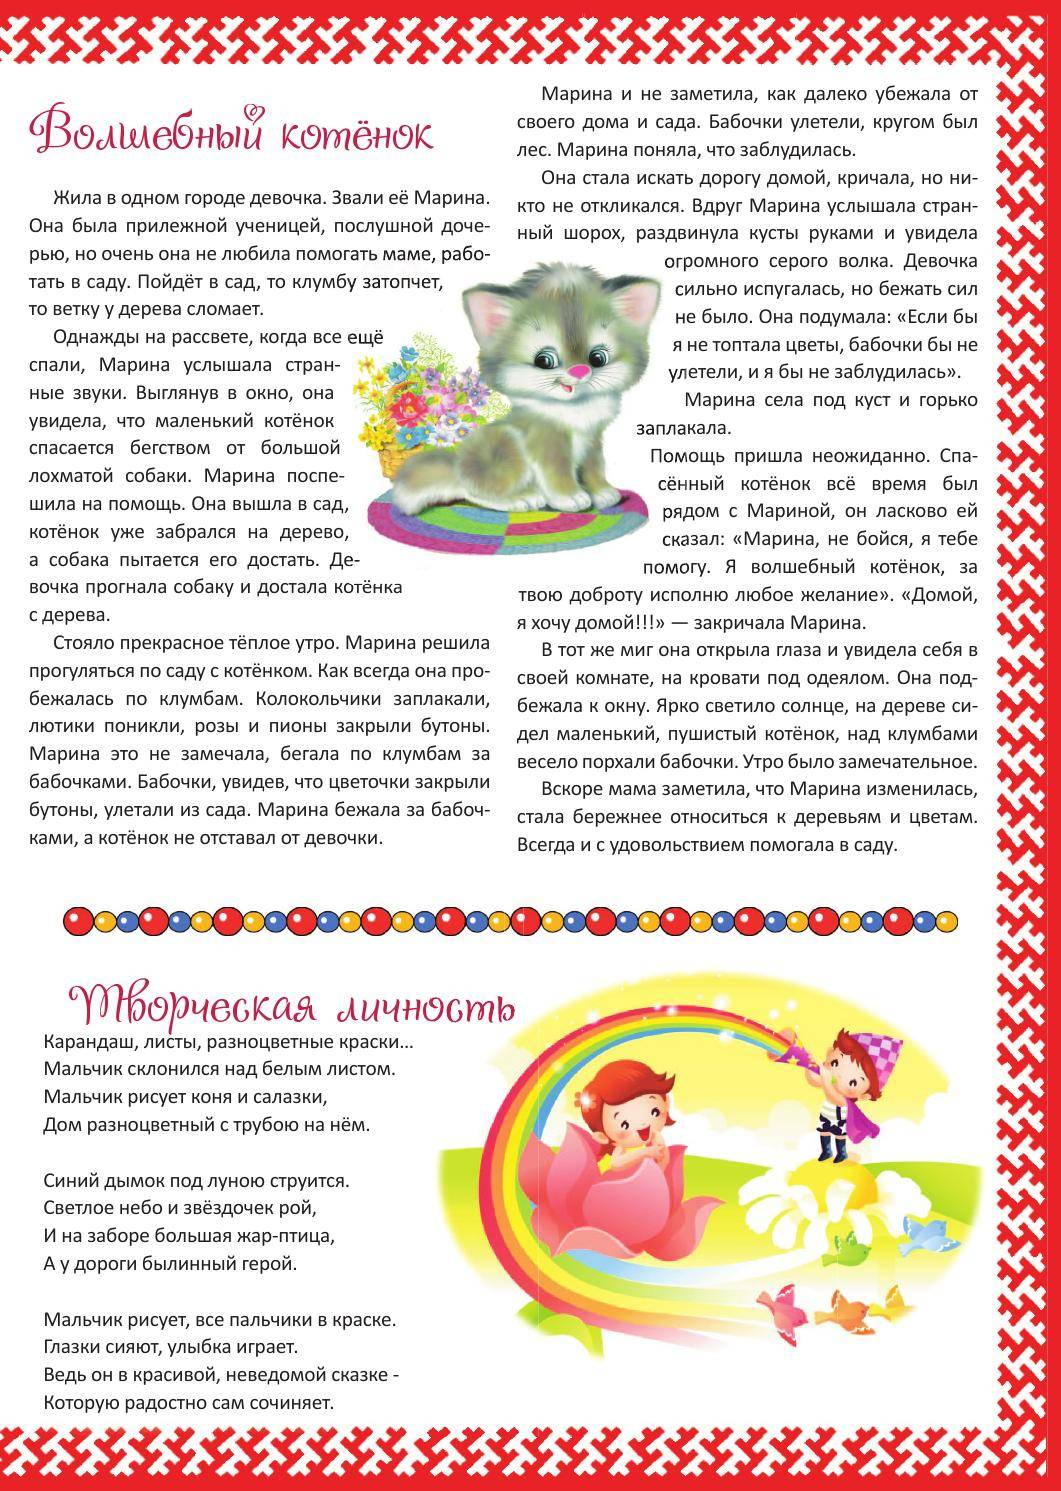 Уход и воспитание котенка по месяцам. как сделать кошку ласковой: секреты правильного воспитания